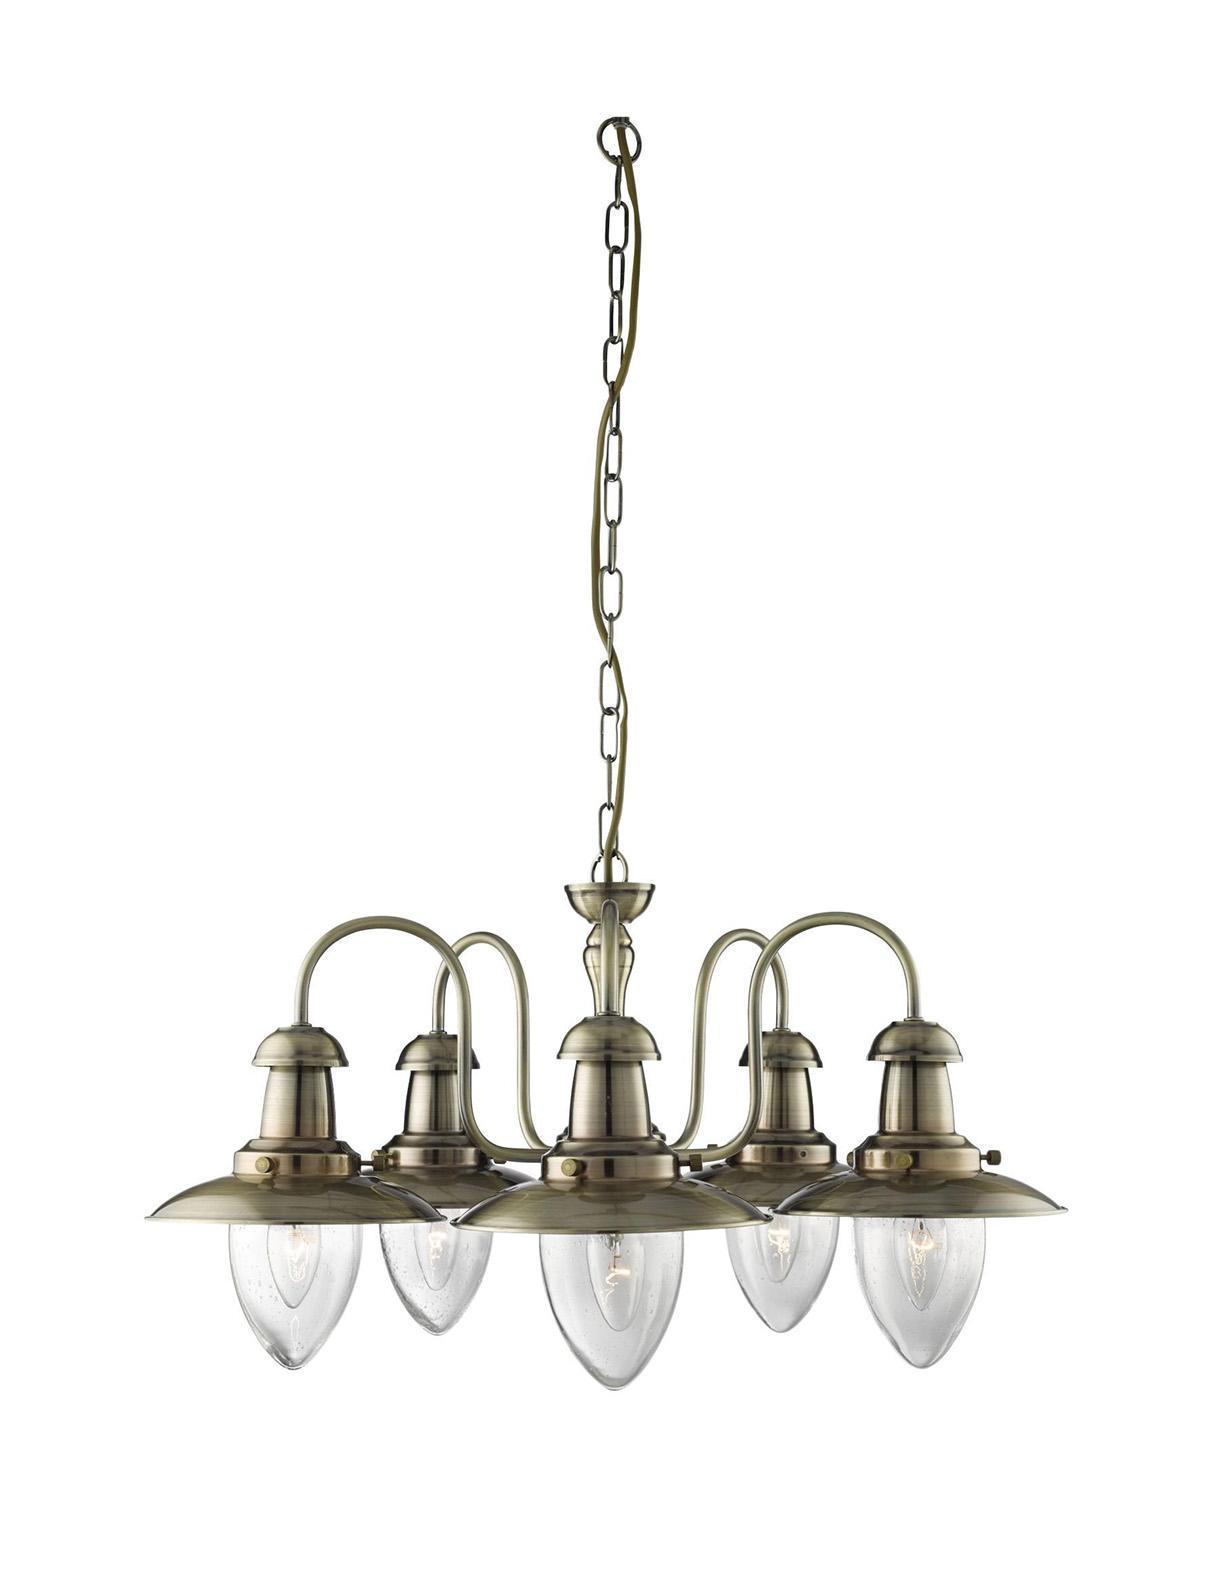 Люстра Arte lamp A5518lm-5ab arte lamp люстра arte lamp a7556pl 5ab